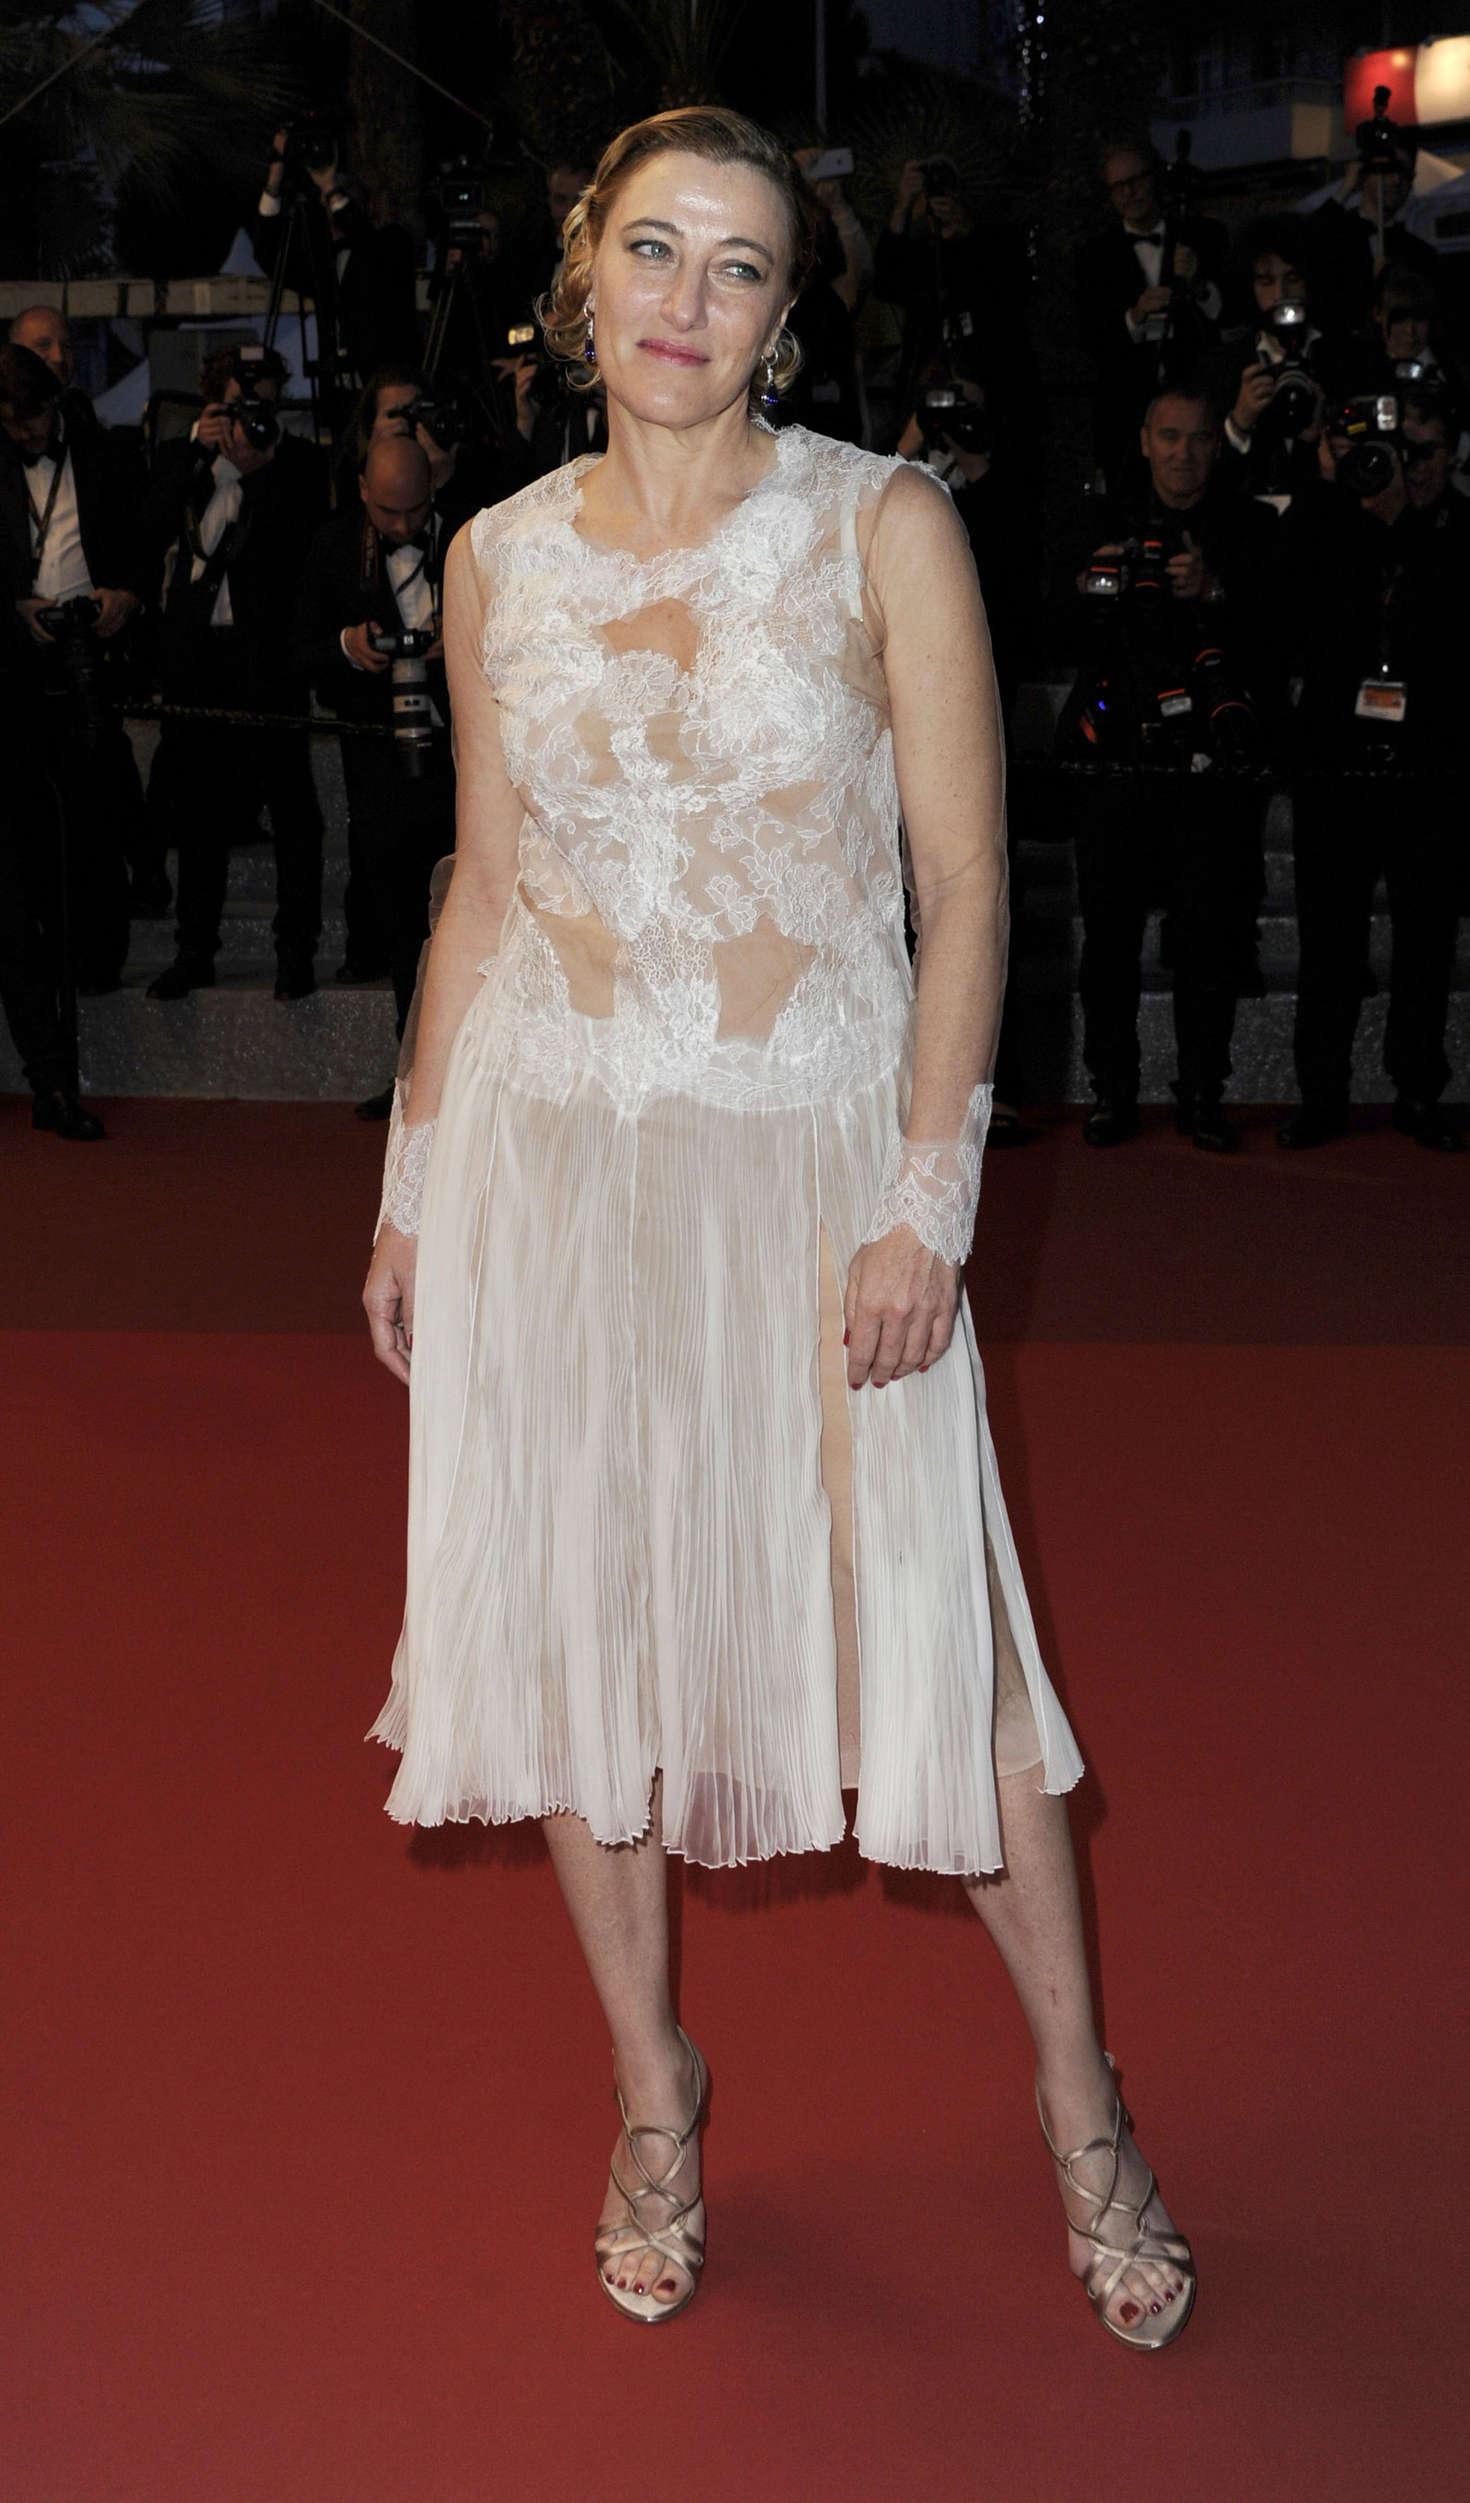 Valeria Bruni-Tedeschi For mobile